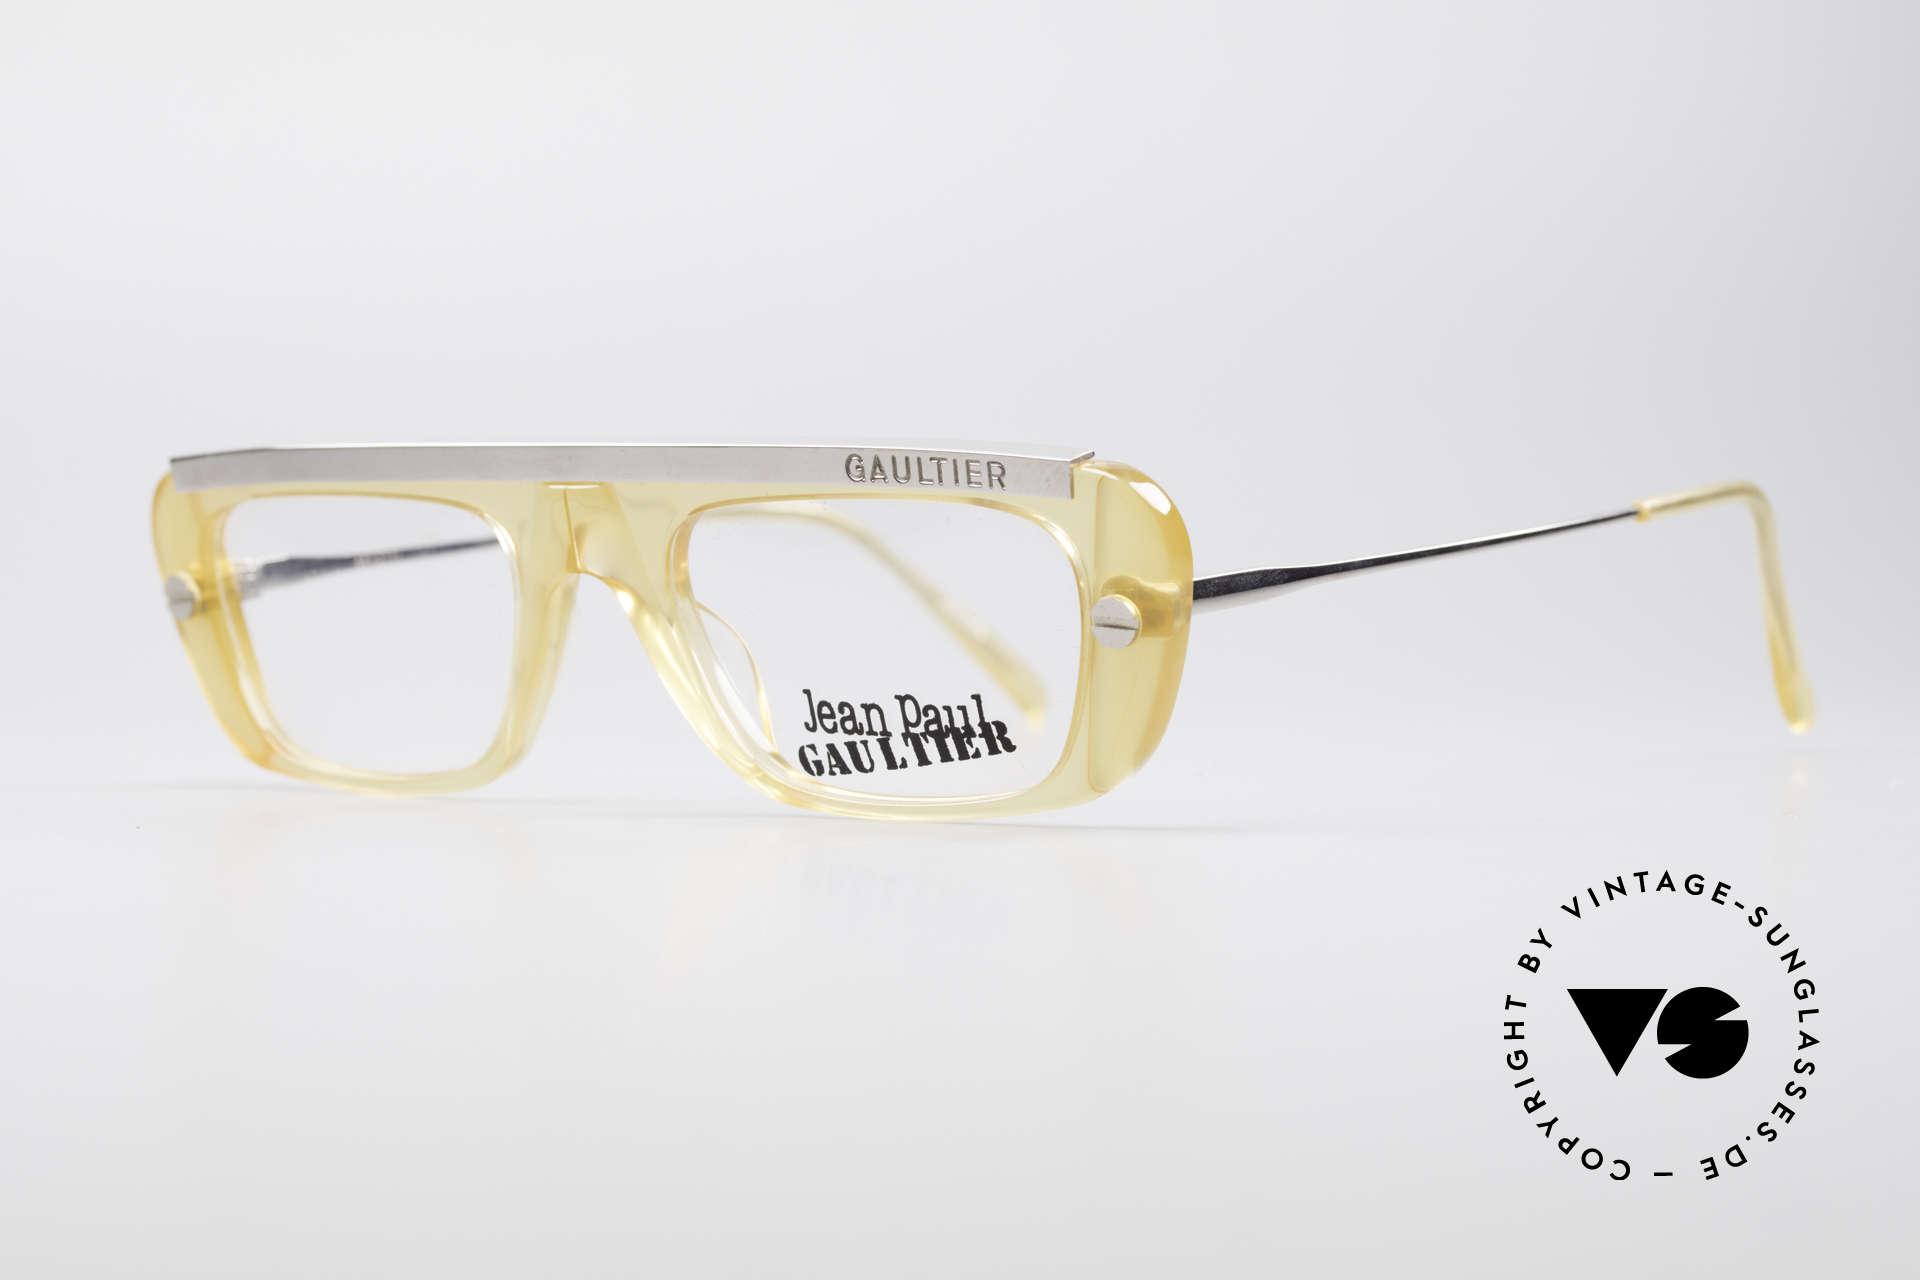 Jean Paul Gaultier 55-0771 Markante Vintage Brille, ein echter Hingucker ... Designerstück von 1997/98, Passend für Herren und Damen